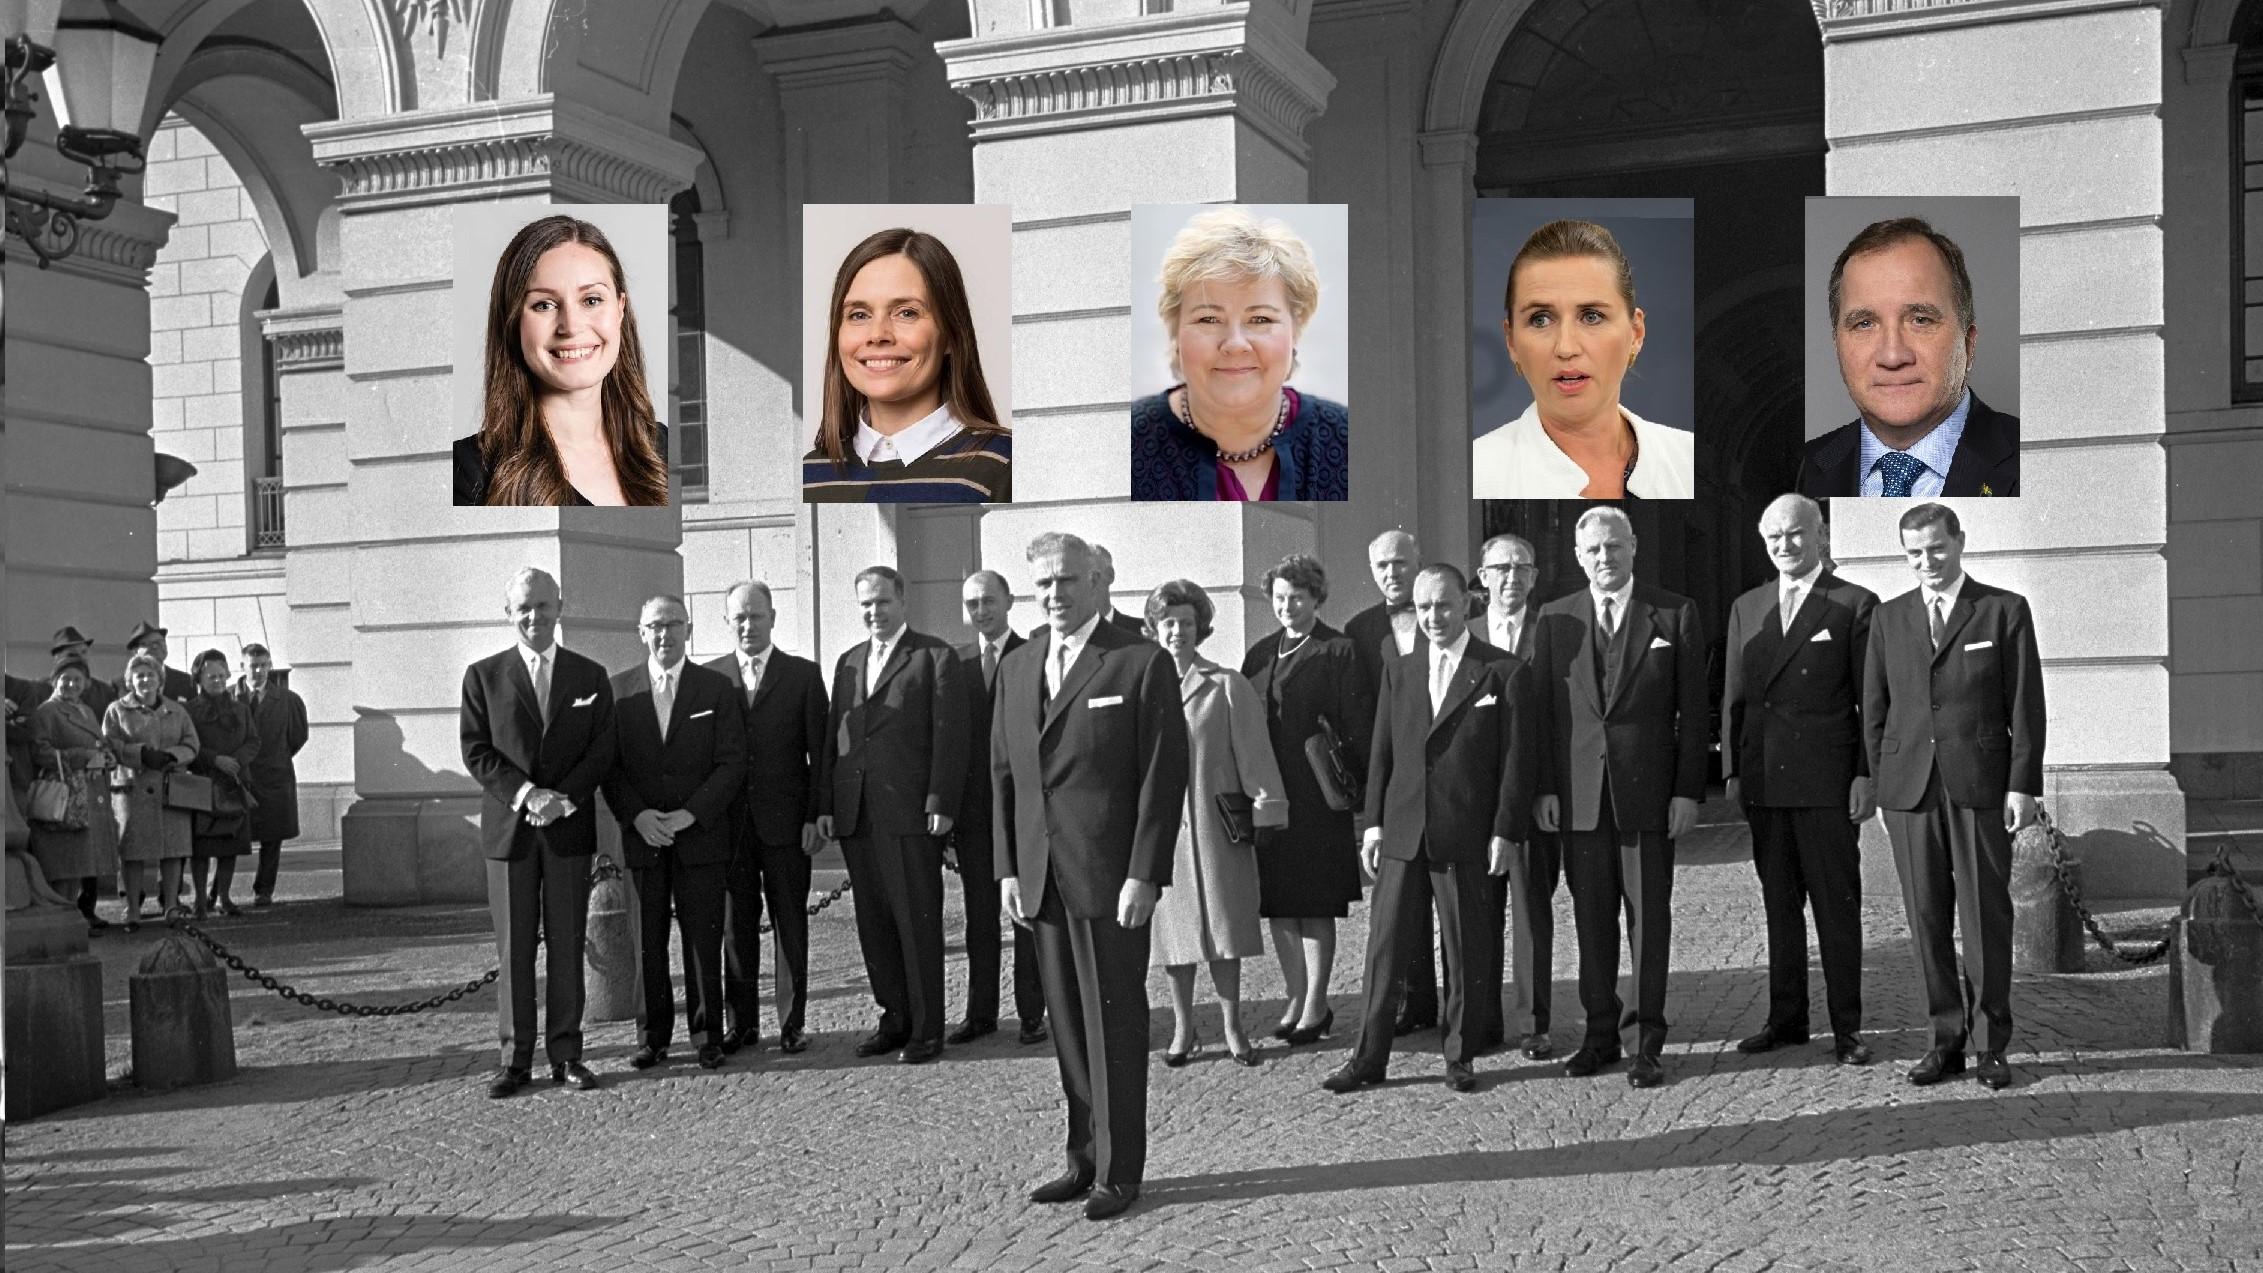 Nordisk jämställdhet: Små årliga steg men en revolution på längre sikt